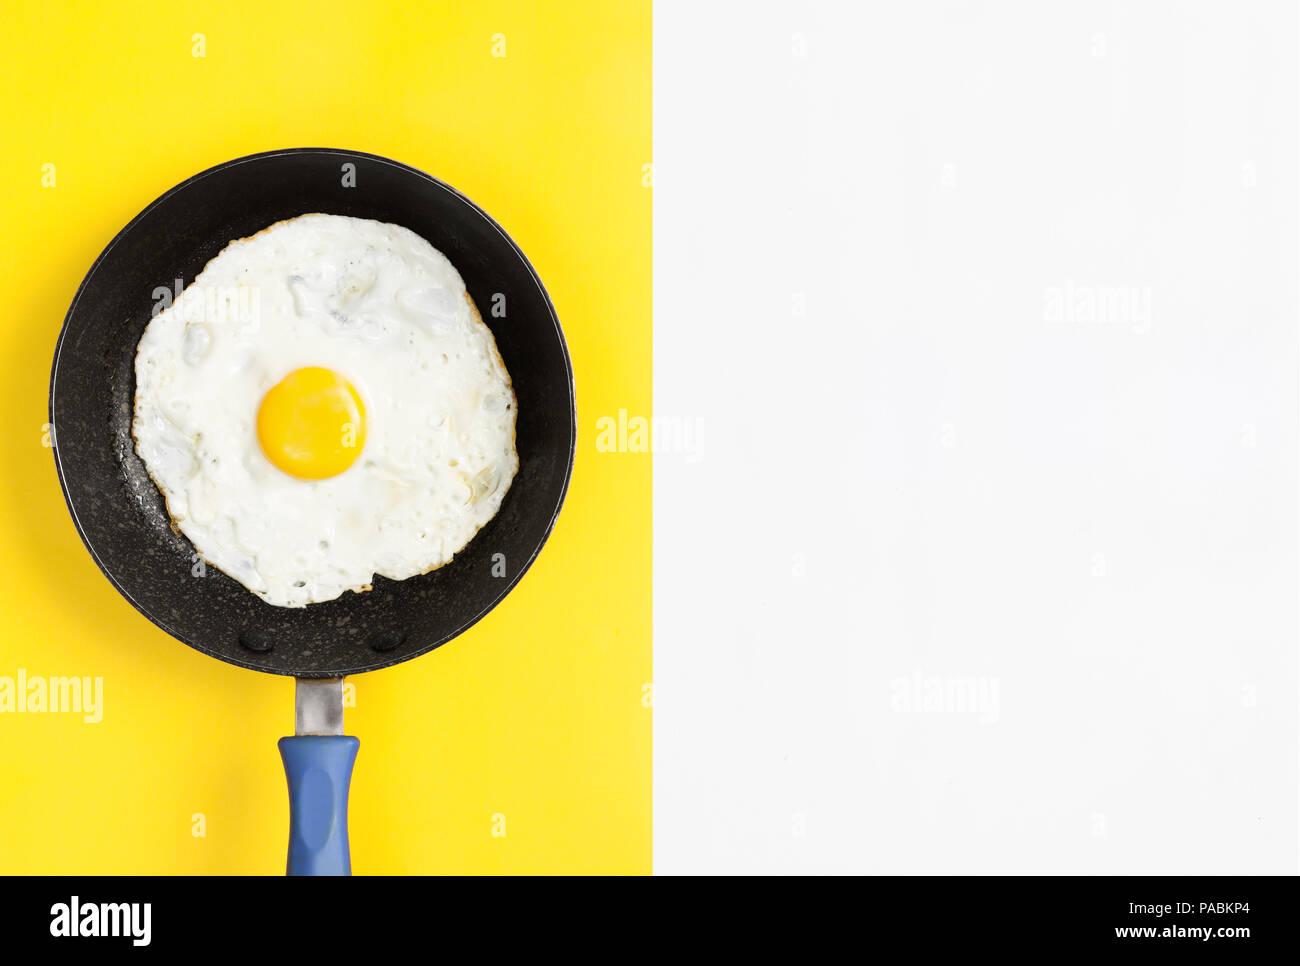 Frisch gekochtes Ei in einer Pfanne auf Split Farbe gelb und weißem Hintergrund, flach Bild. Stockbild